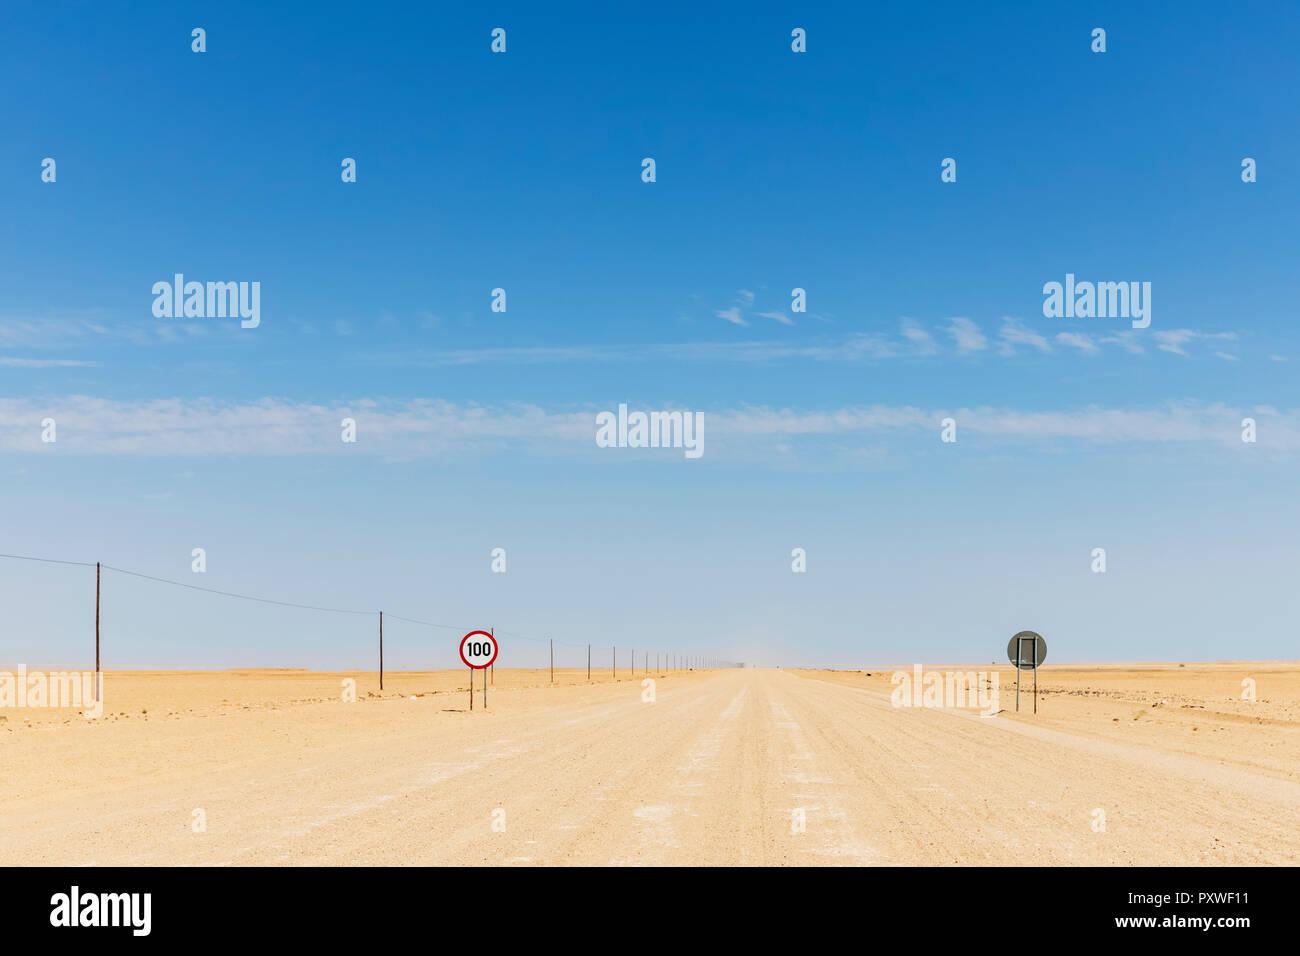 Africa, Namibia, Erongo Region, sand track C 35 - Stock Image